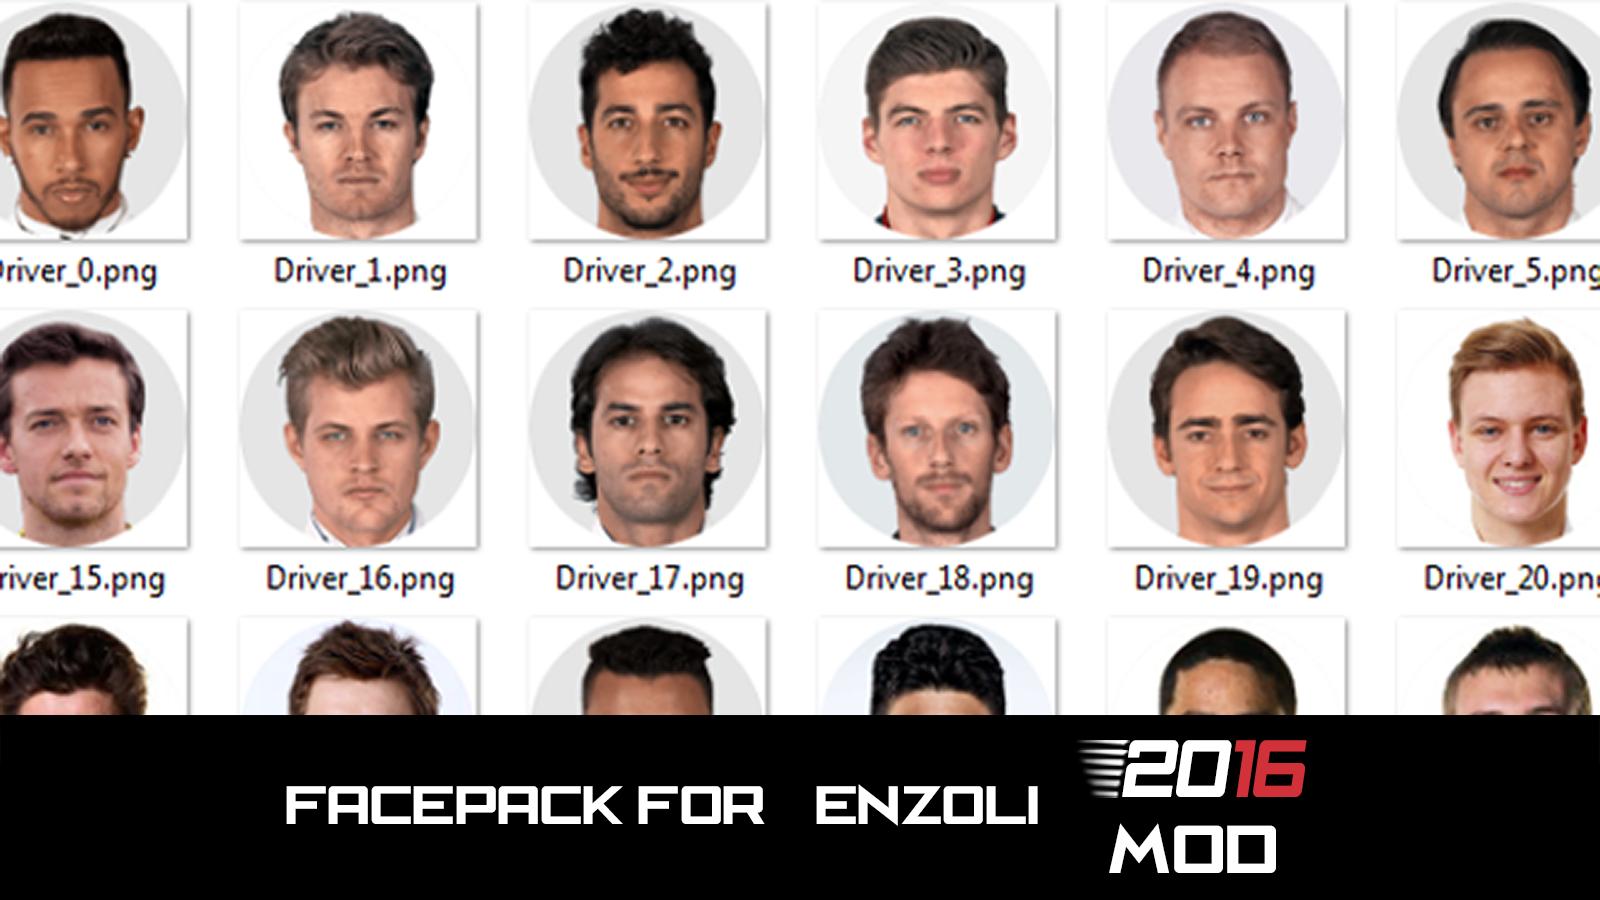 Enzoli's Facepack for 2016 Mod